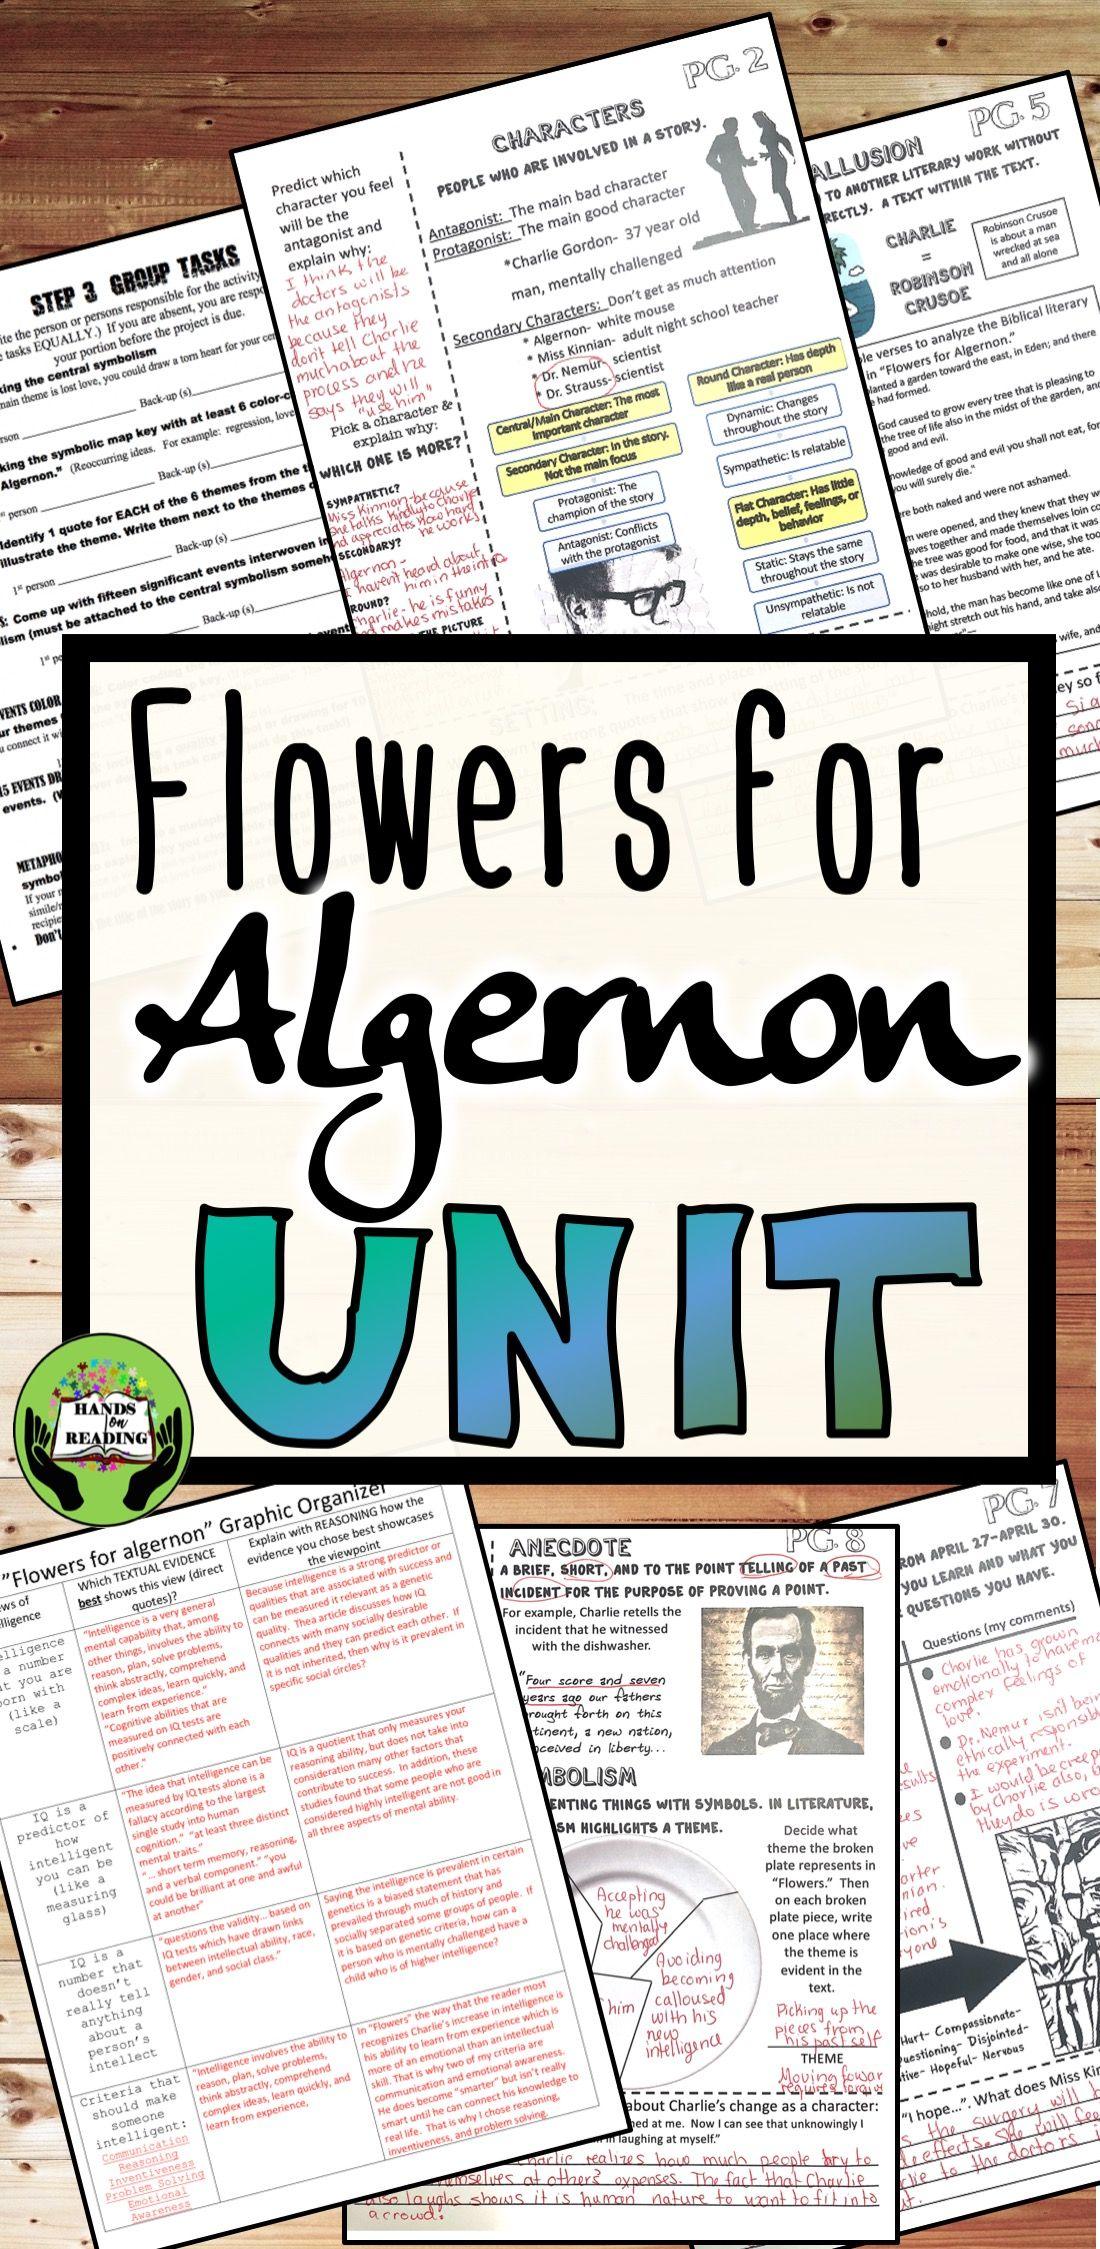 Flowers For Algernon Unit